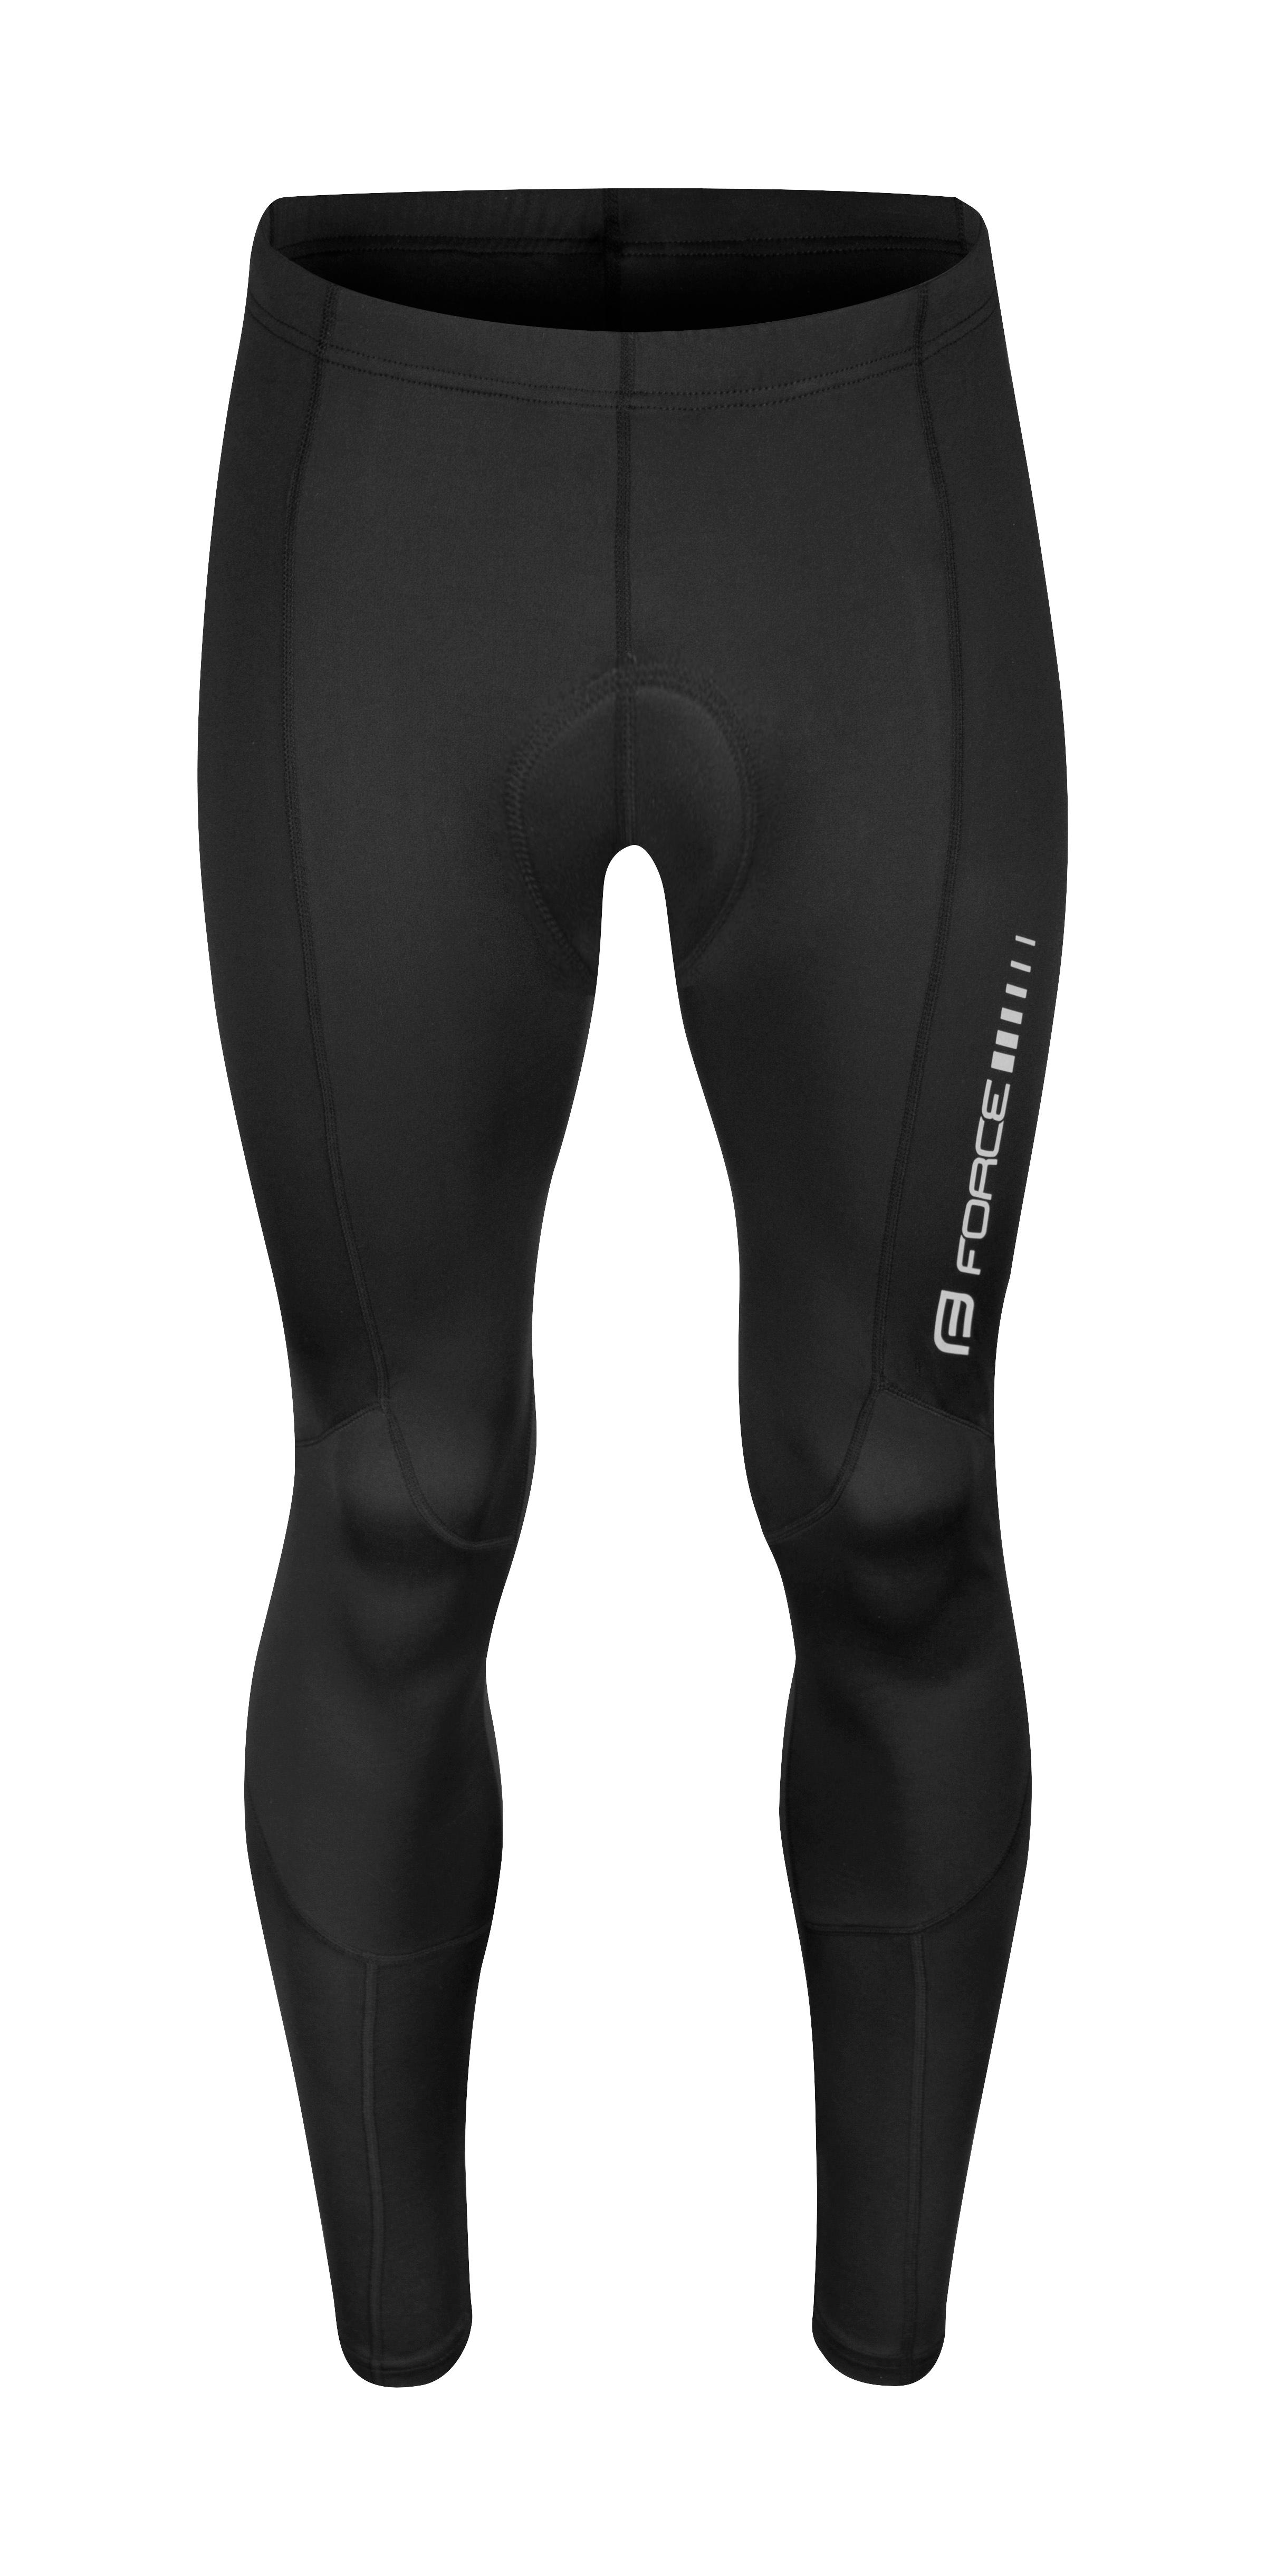 kalhoty FORCE Z68 do pasu s vložkou, černé L